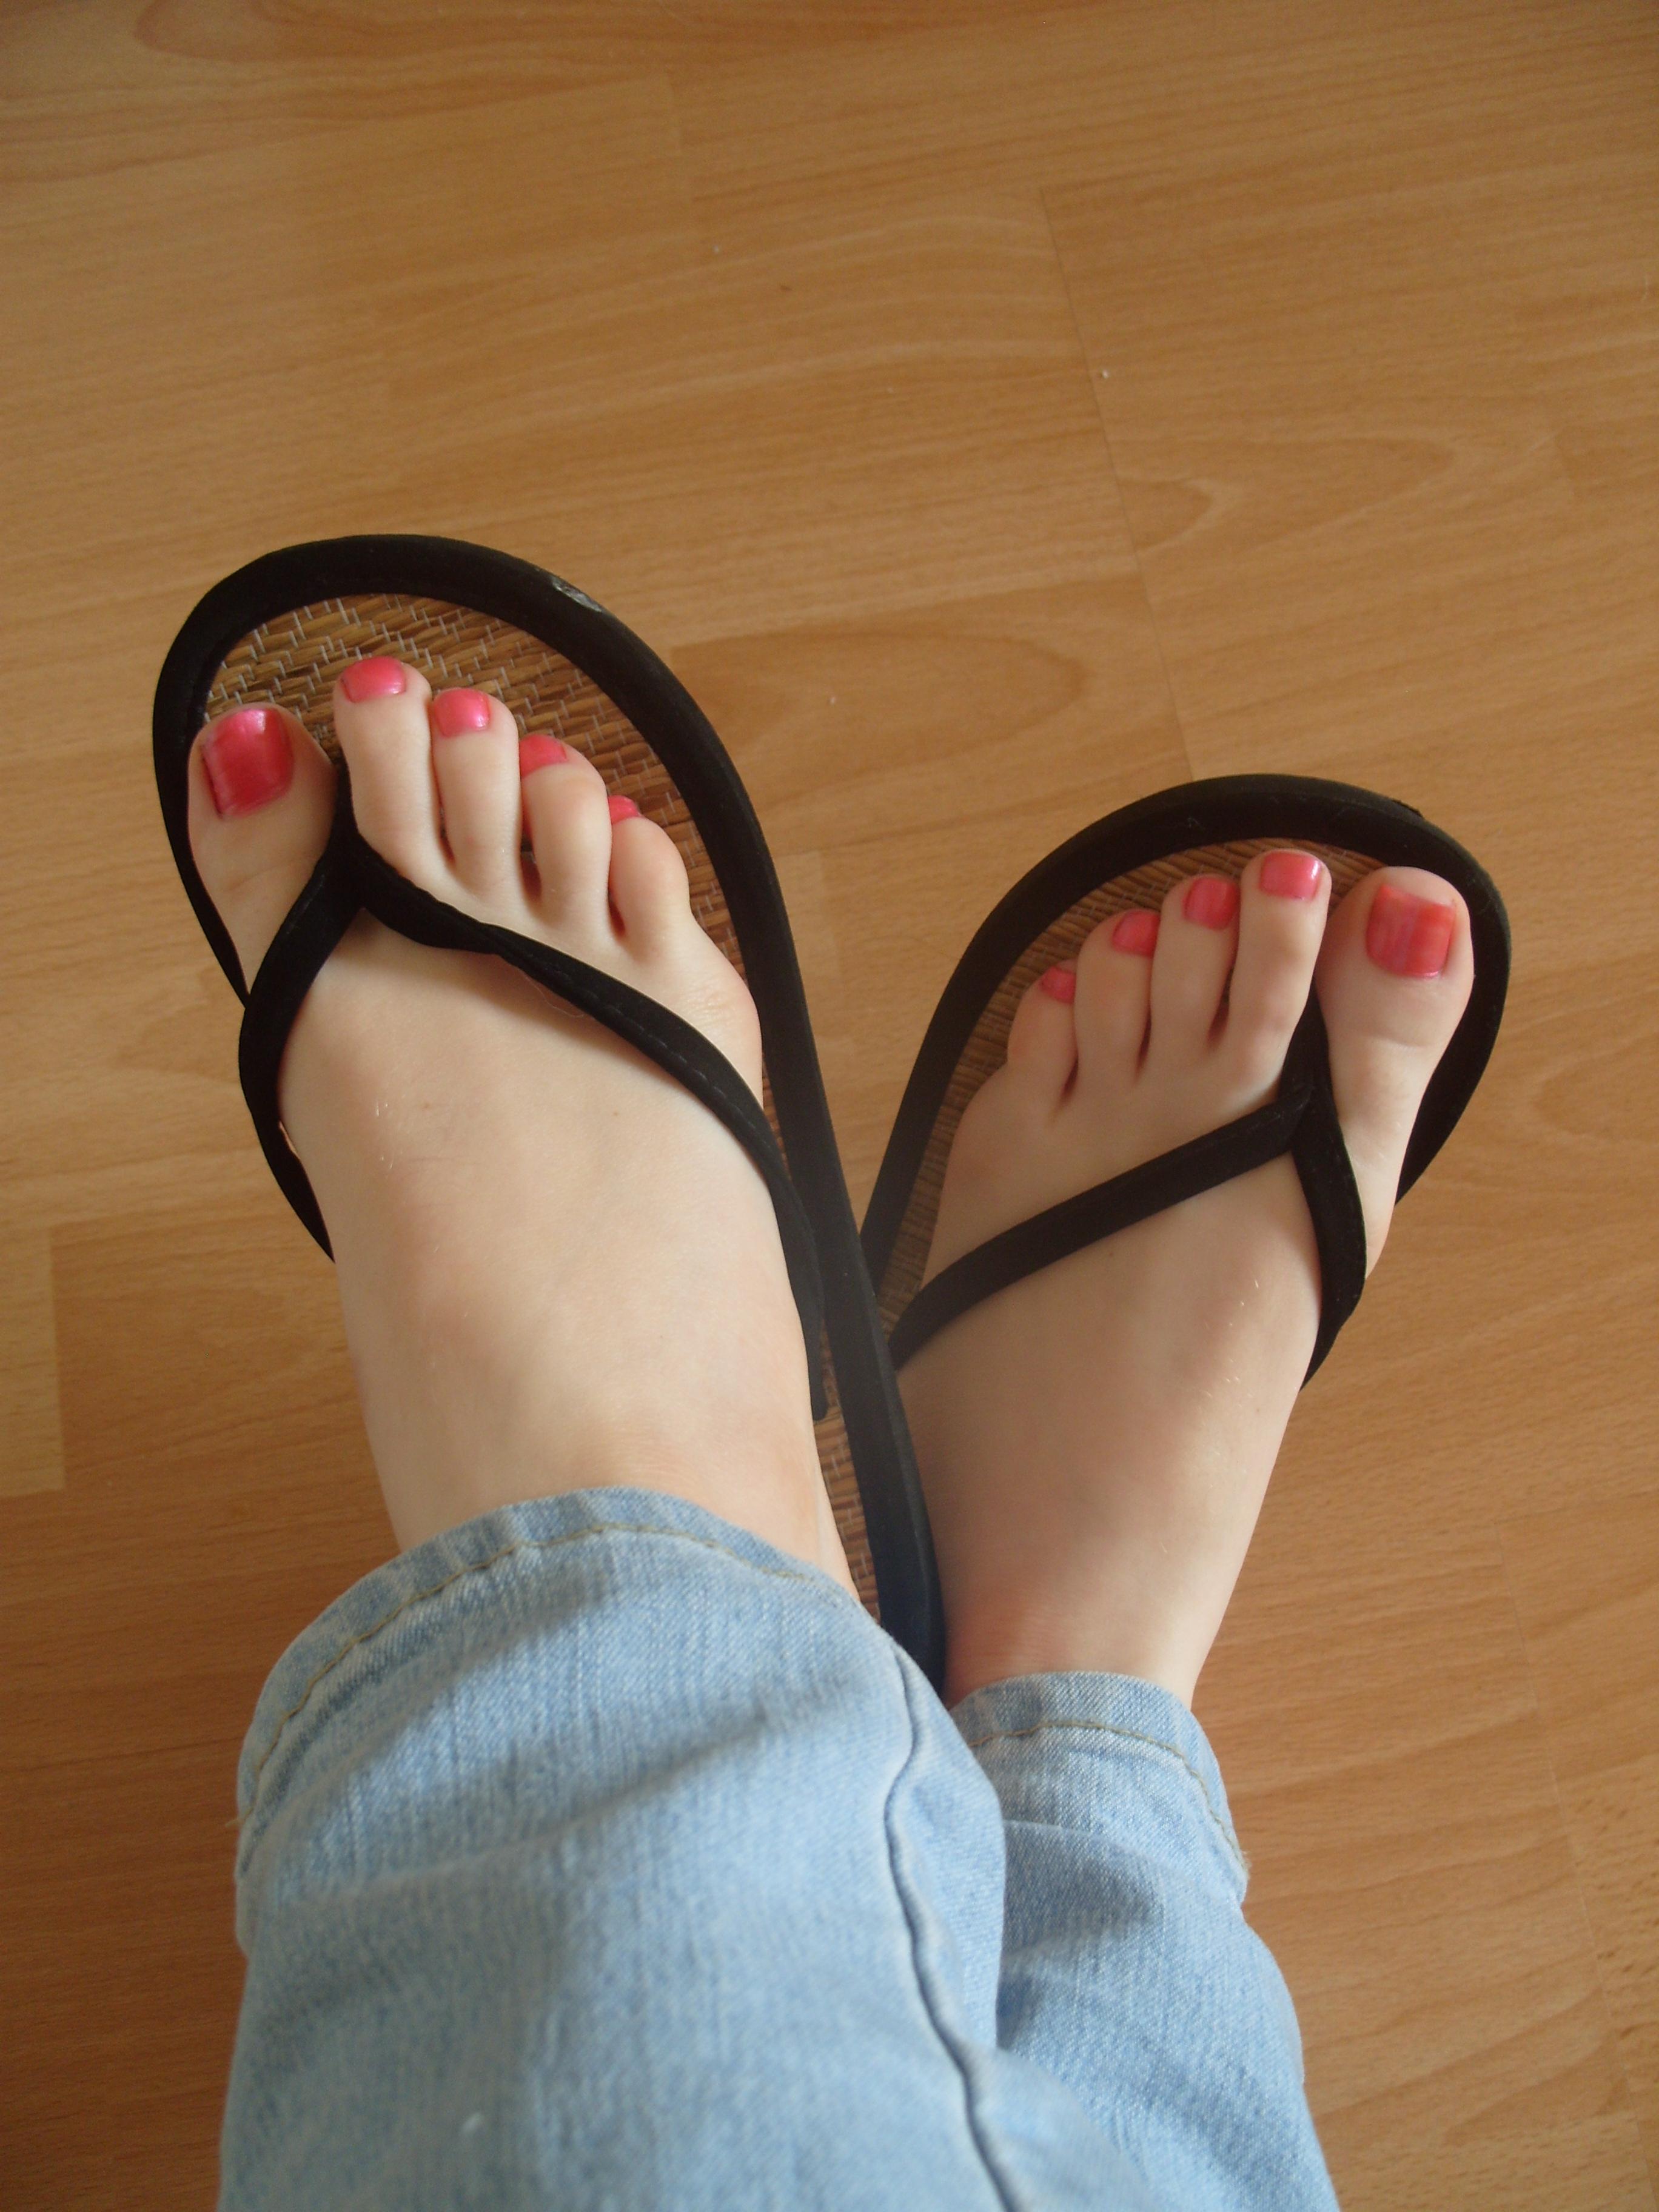 Фото женских пальчиков на ножках 5 фотография